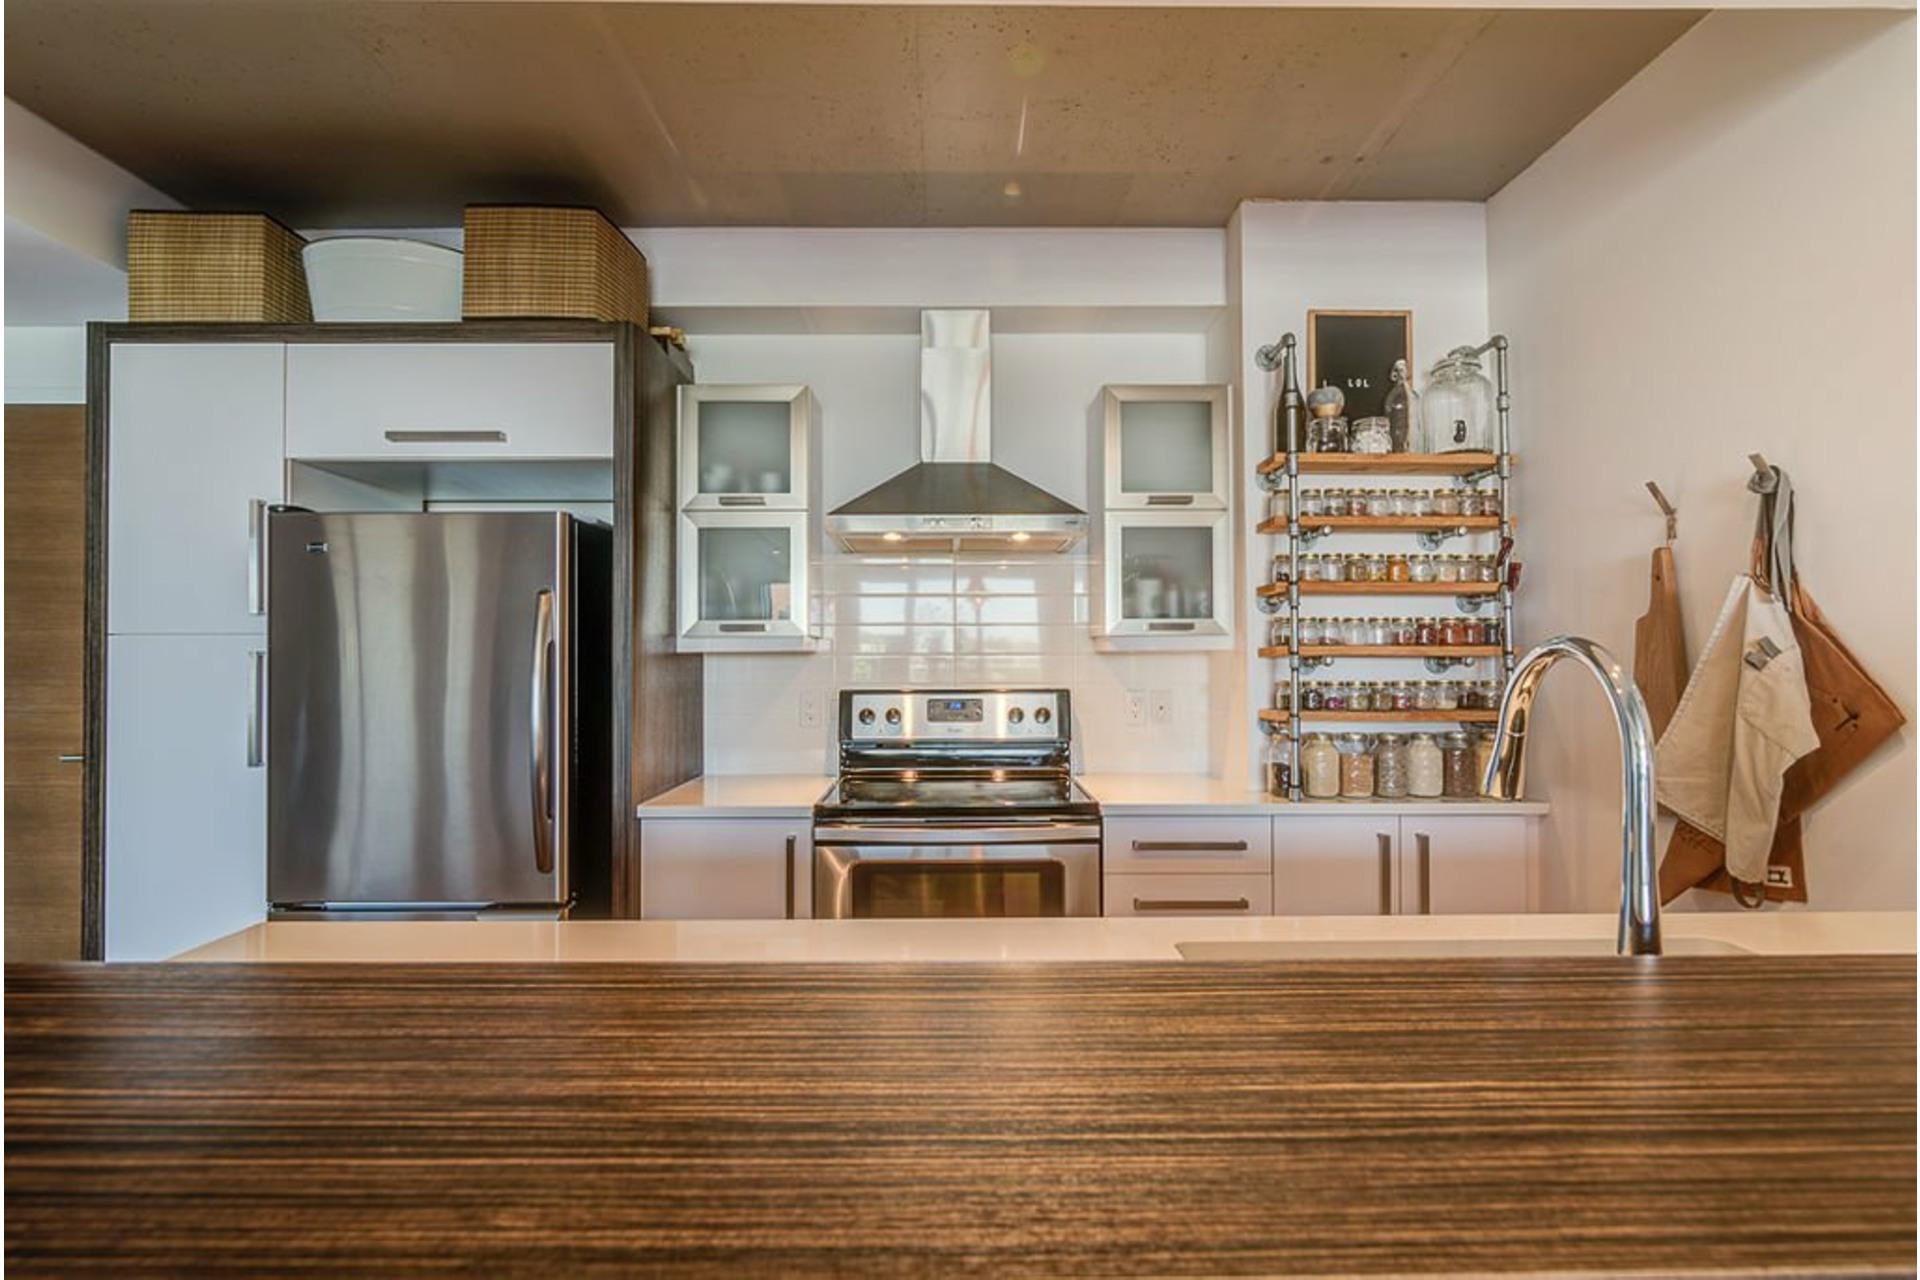 image 9 - Apartment For sale Villeray/Saint-Michel/Parc-Extension Montréal  - 4 rooms